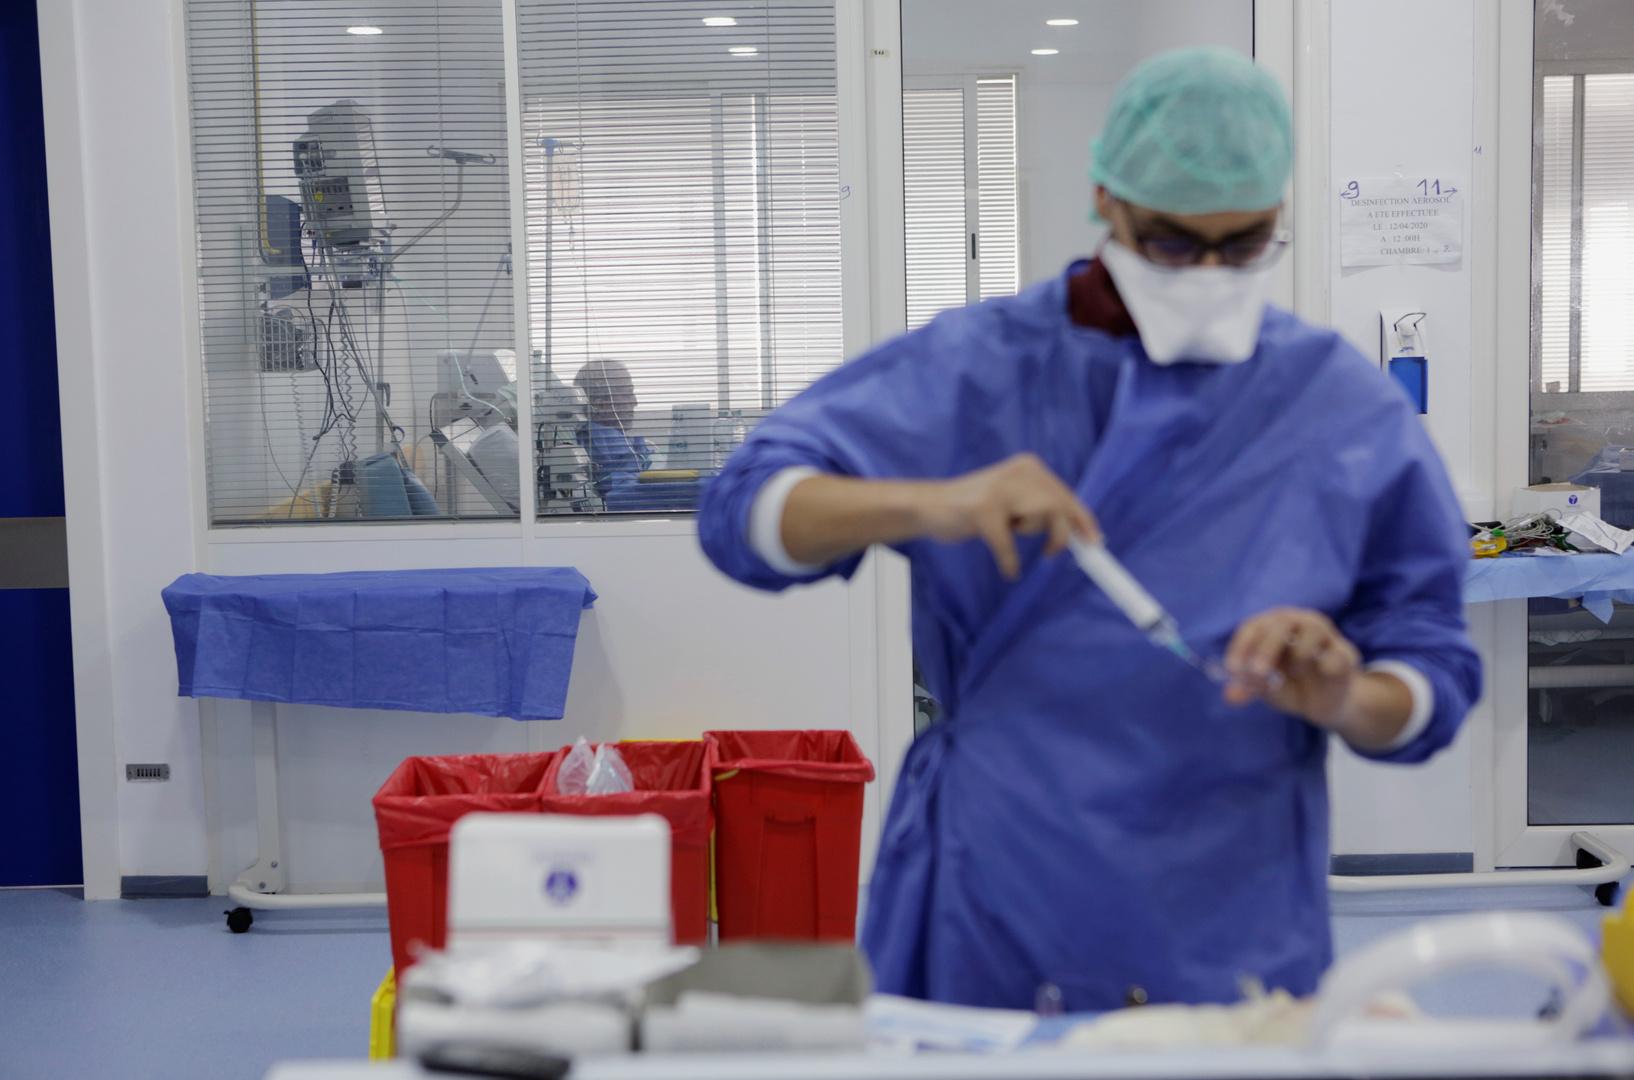 المغرب يسجل 895 إصابة و34 وفاة جديدة بفيروس كورونا